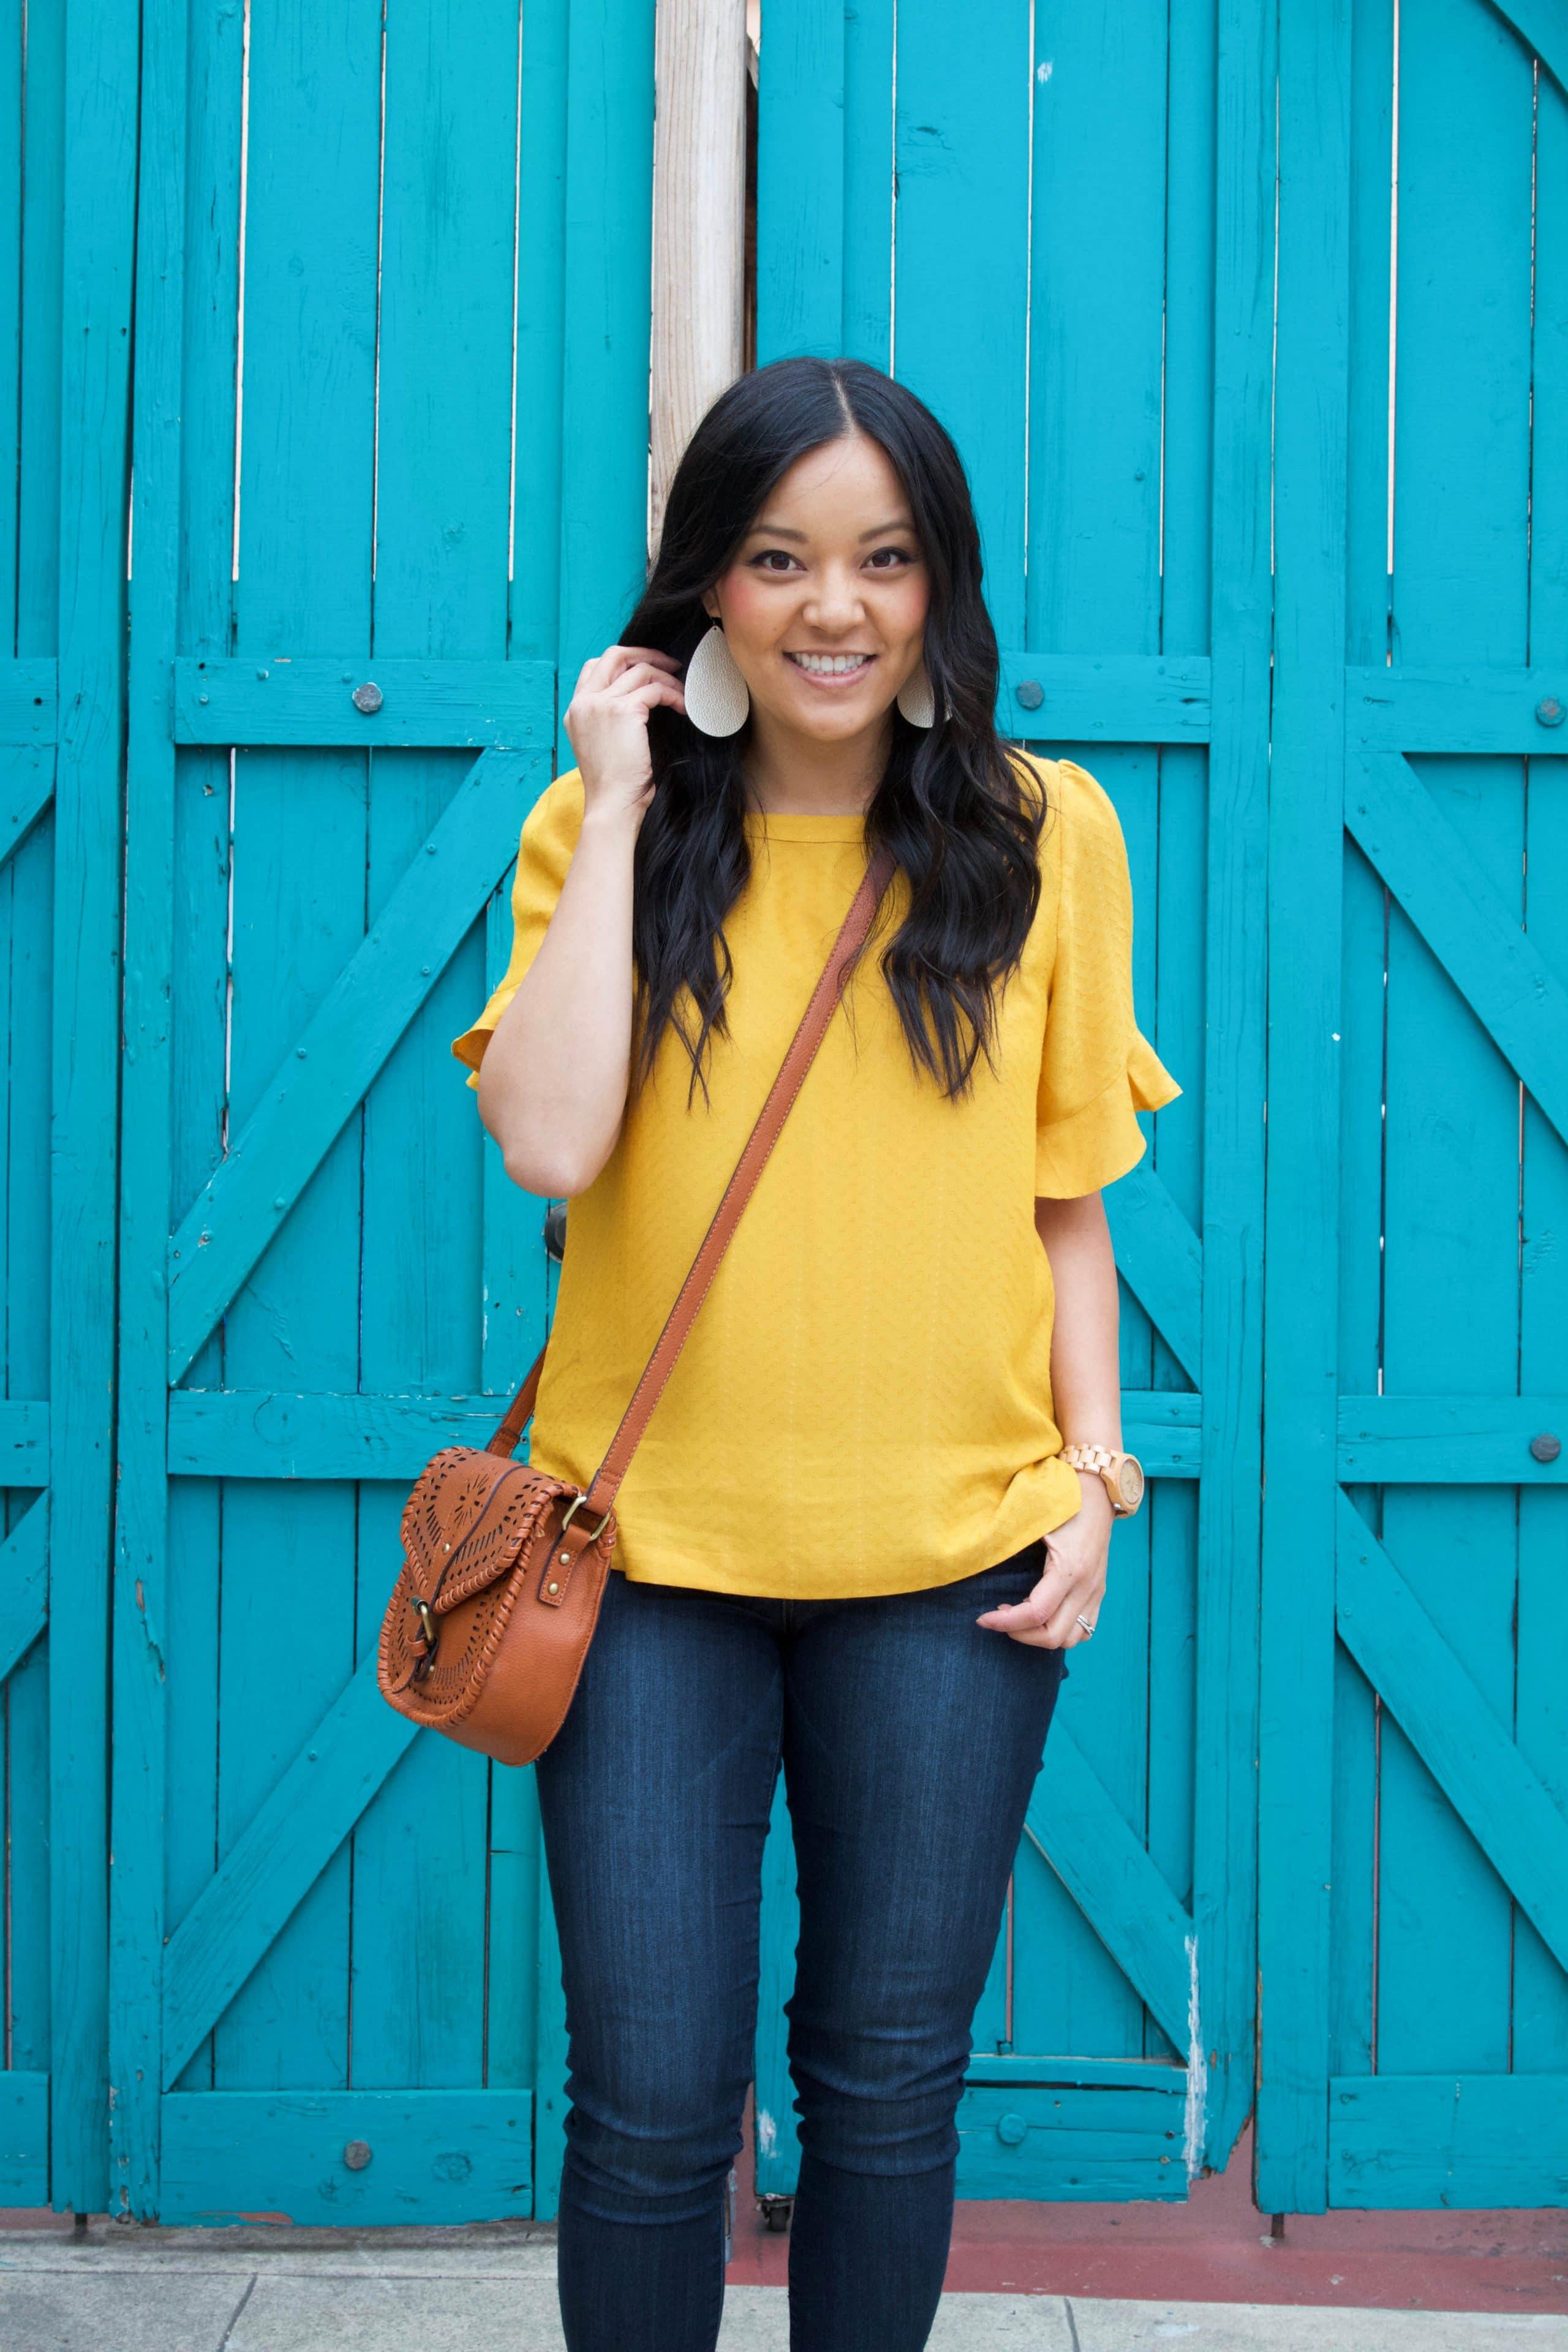 Blue Skinny Jeans + Marigold Top + Cognac Bag + Earrings